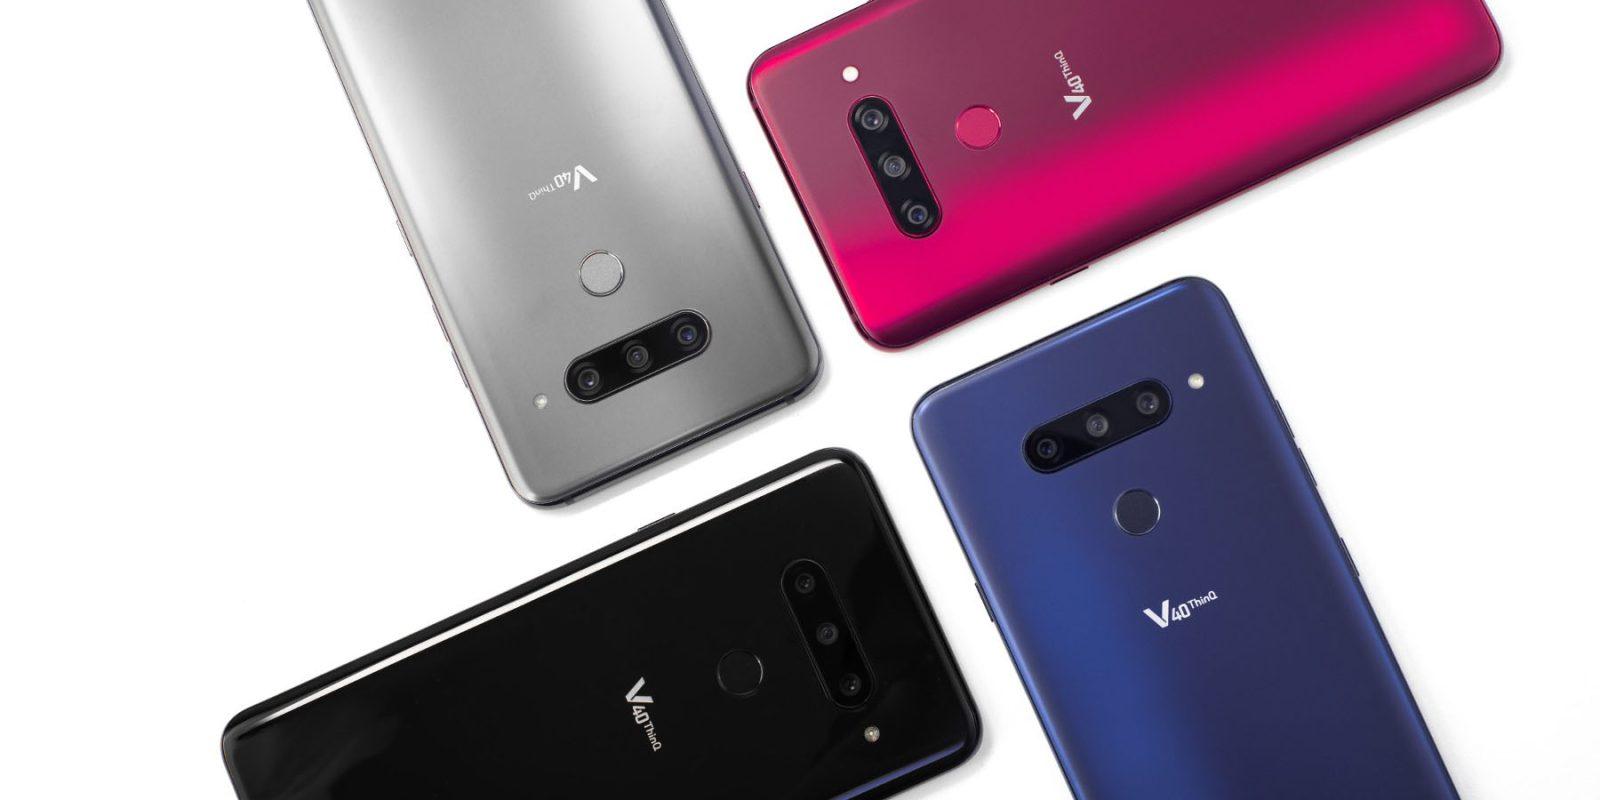 🙂 Sin más filtraciones aquí están todas las especificaciones oficiales del nuevo LG V40 ThinQ